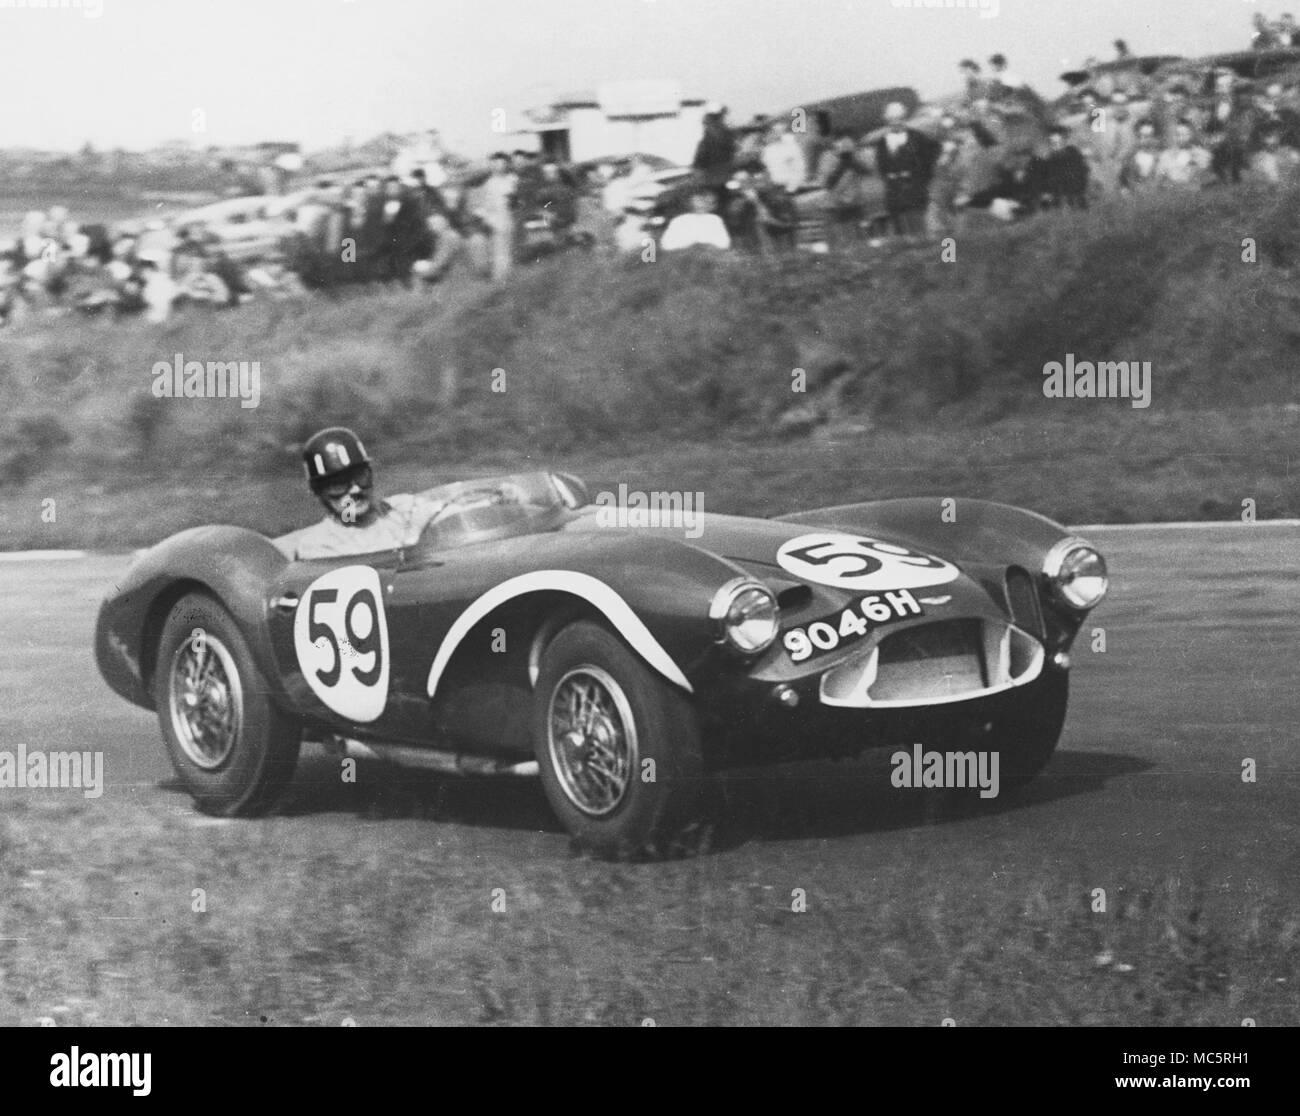 Aston Martin DB 3 S Graham Hill, Brands Hatch unbegrenzte Sportwagen Rennen 19.5.1957 Stockbild